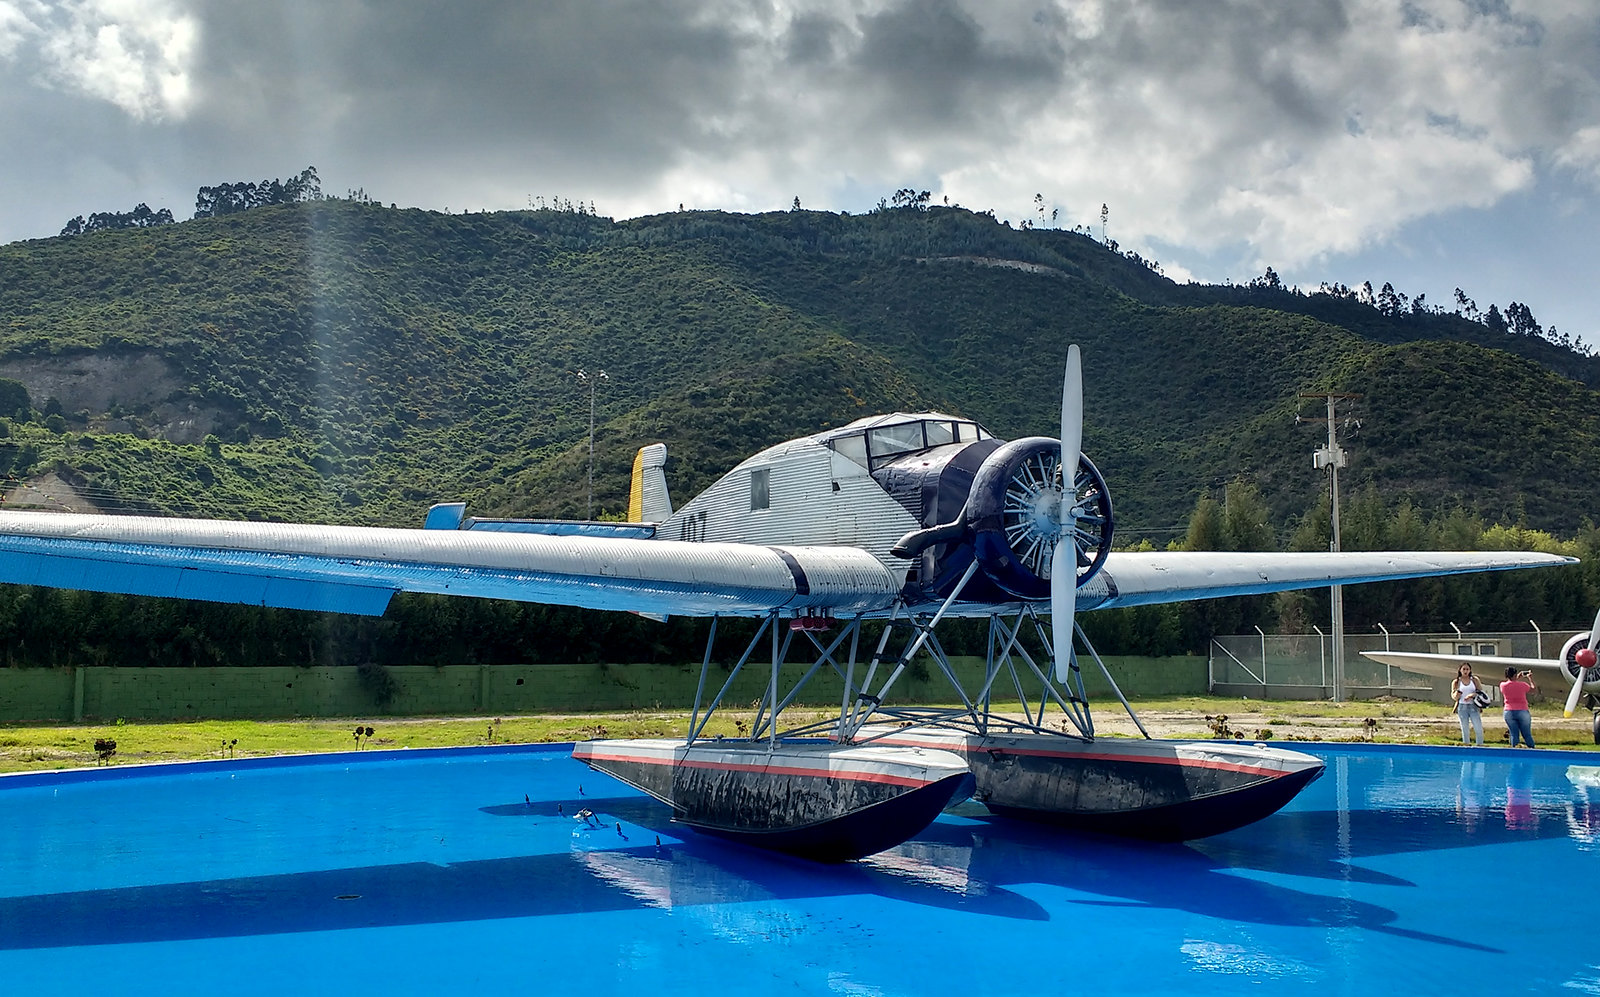 20b. Junkers-w34